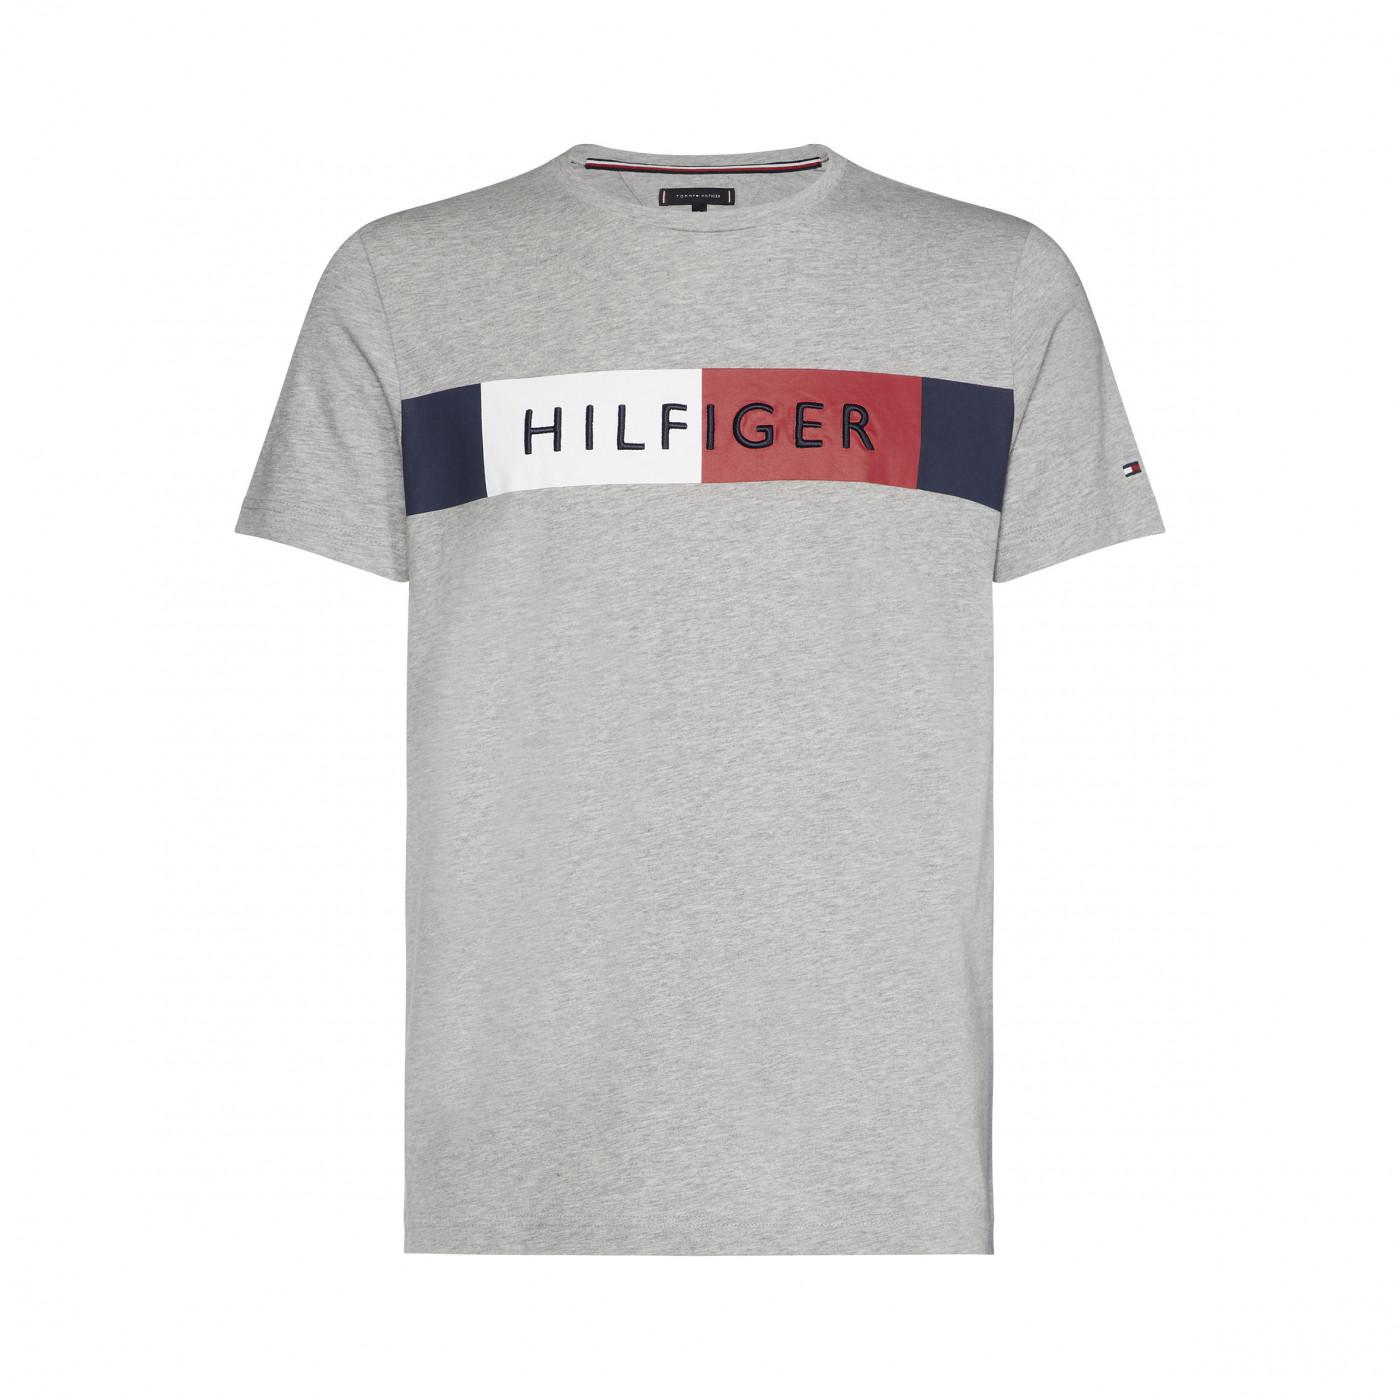 1dfe4add Stripe Hilfiger Tee - T-skjorter & piqué - Herre